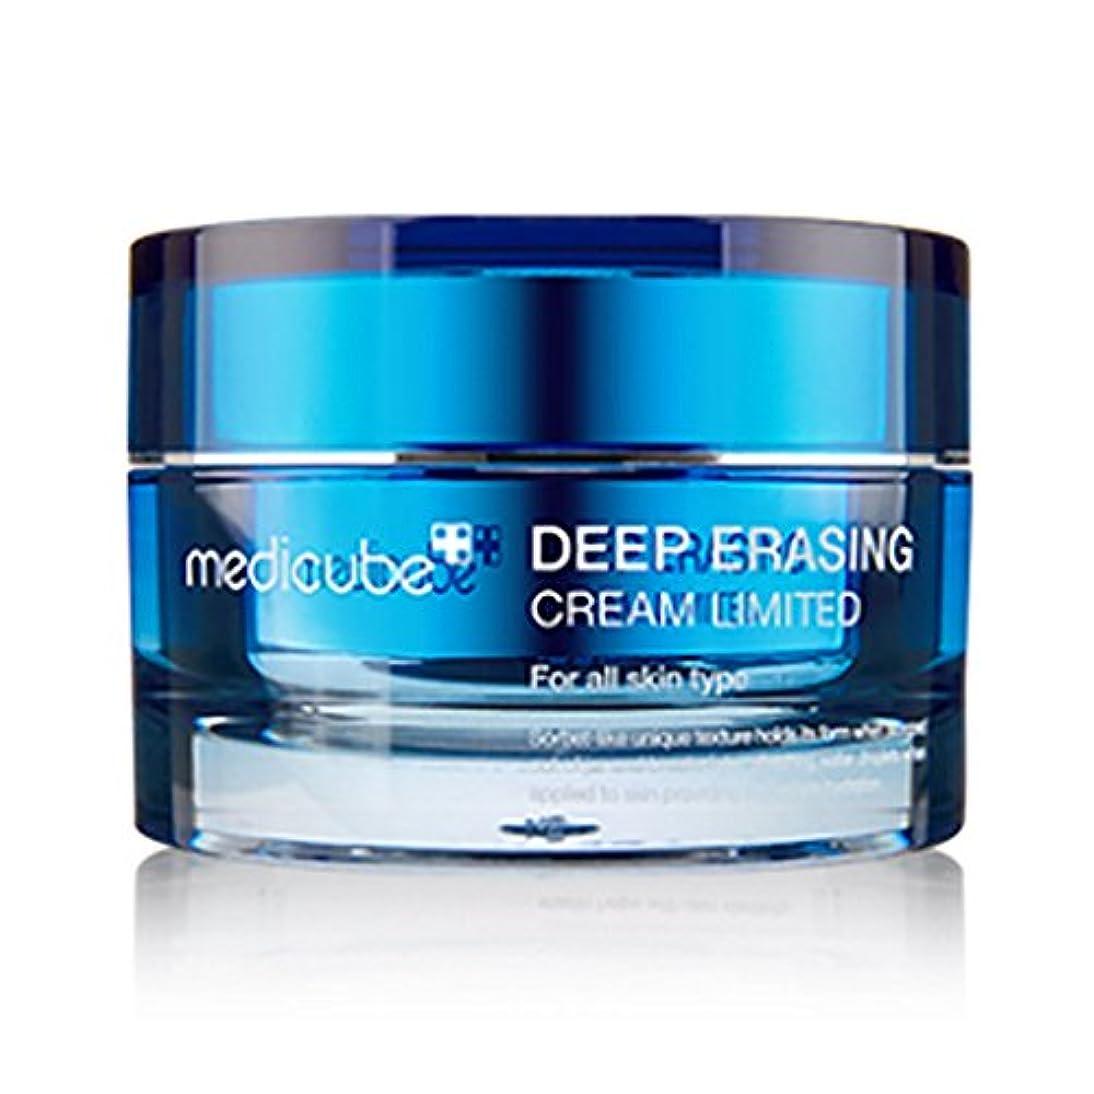 チャンバーアイザック食べる[メディキューブ]Medicube メディキューブ ディープイレイジングクリームリミテッド 50ml 海外直商品 Summer Limited Blue Deep Erasing Cream 50ml [並行輸入品]